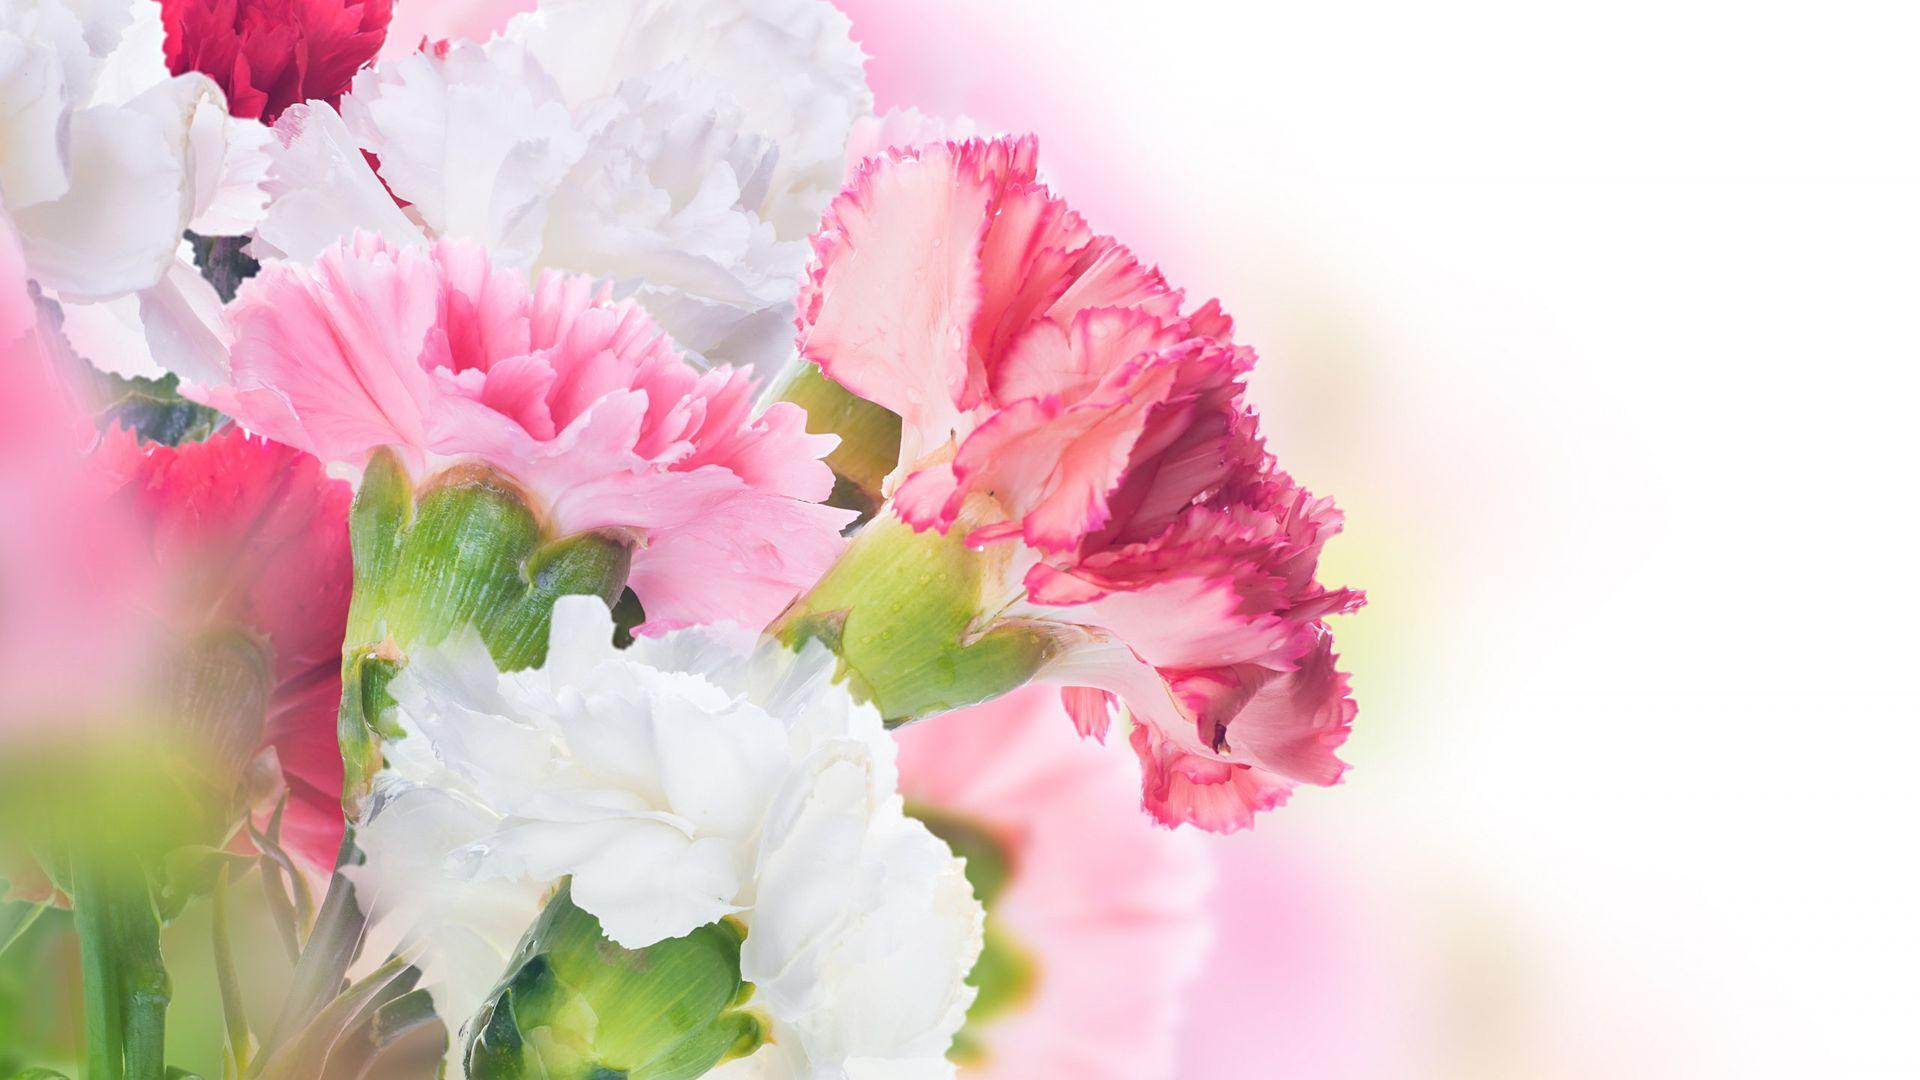 061b8a65af0 Обои цветы 1920x1080 на рабочий стол